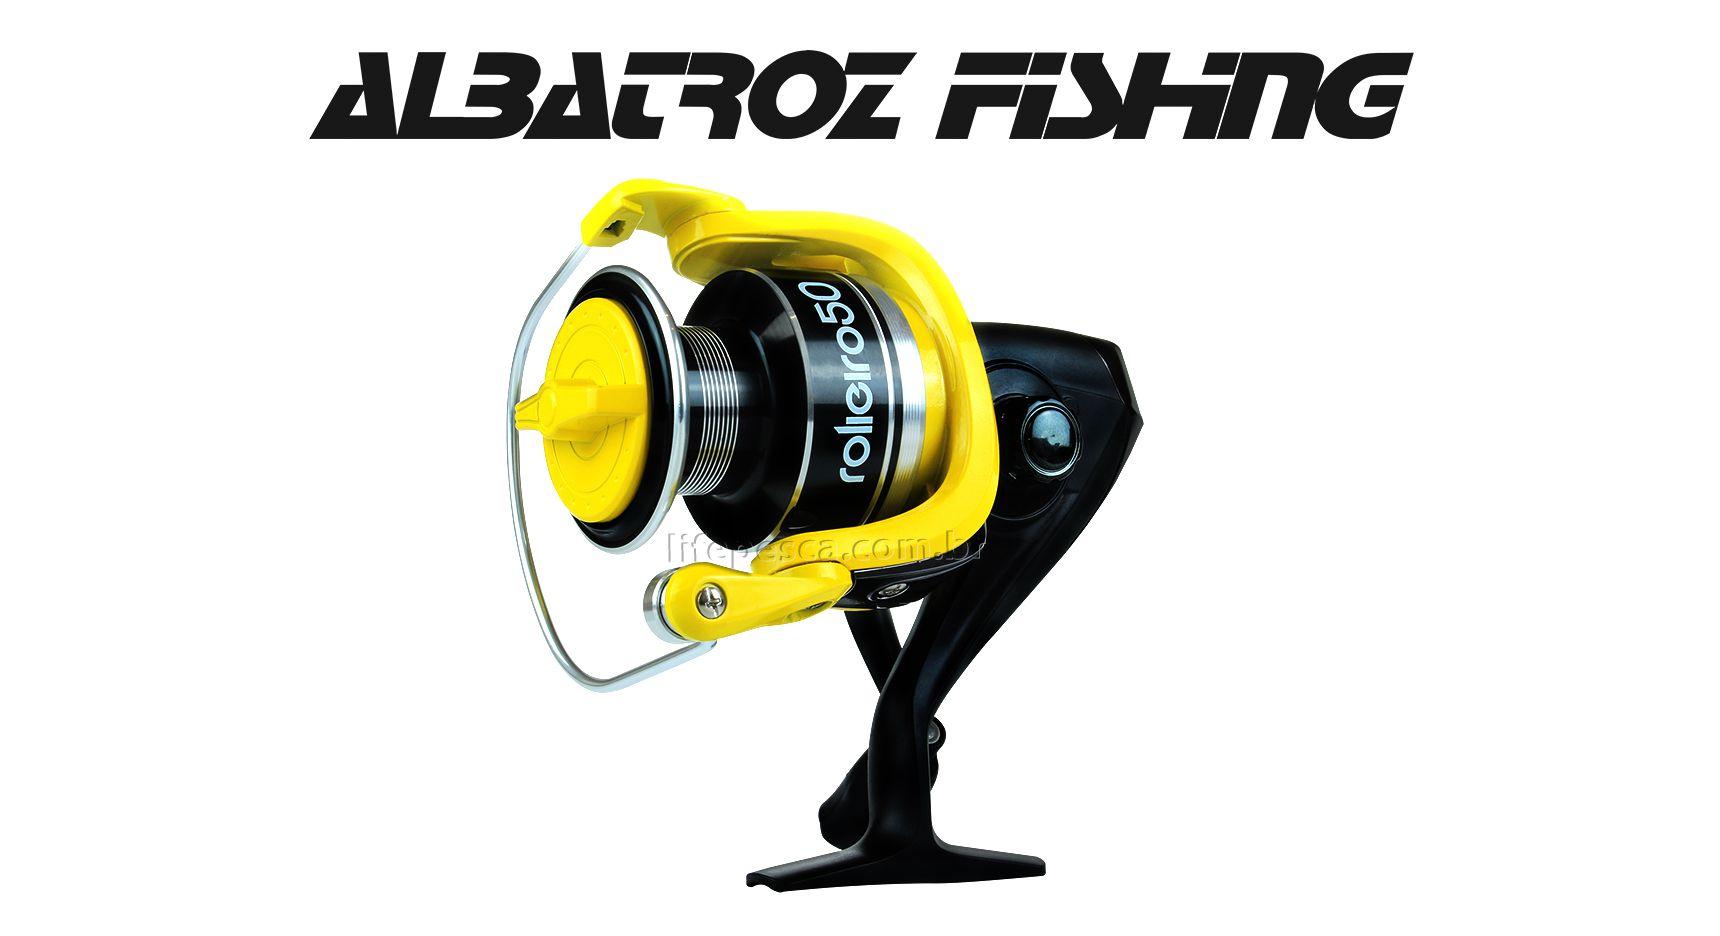 Molinete Albatroz Fishing New Rolieiro 30 - 4 Rolamentos  - Life Pesca - Sua loja de Pesca, Camping e Lazer